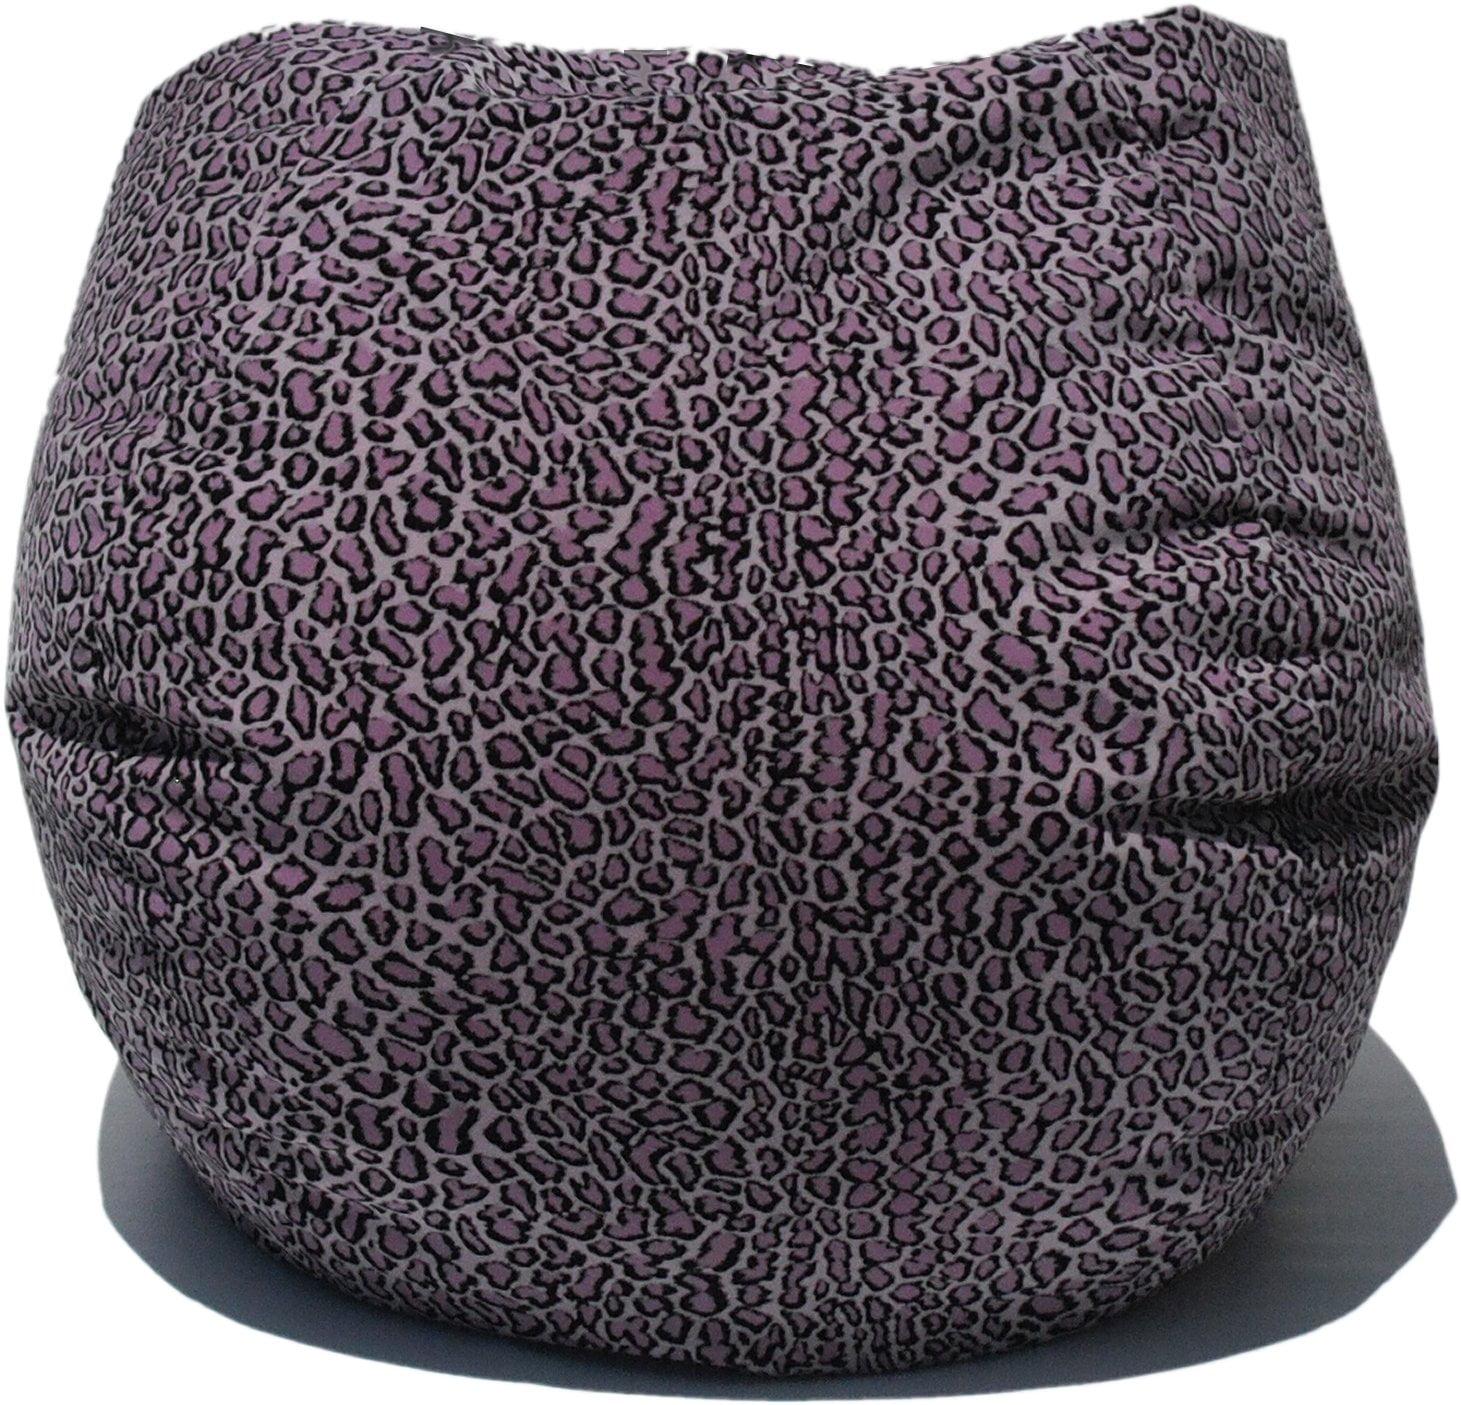 Bean Bag Boys Fabric Bean Bag Chair in Bobcat / Lilac